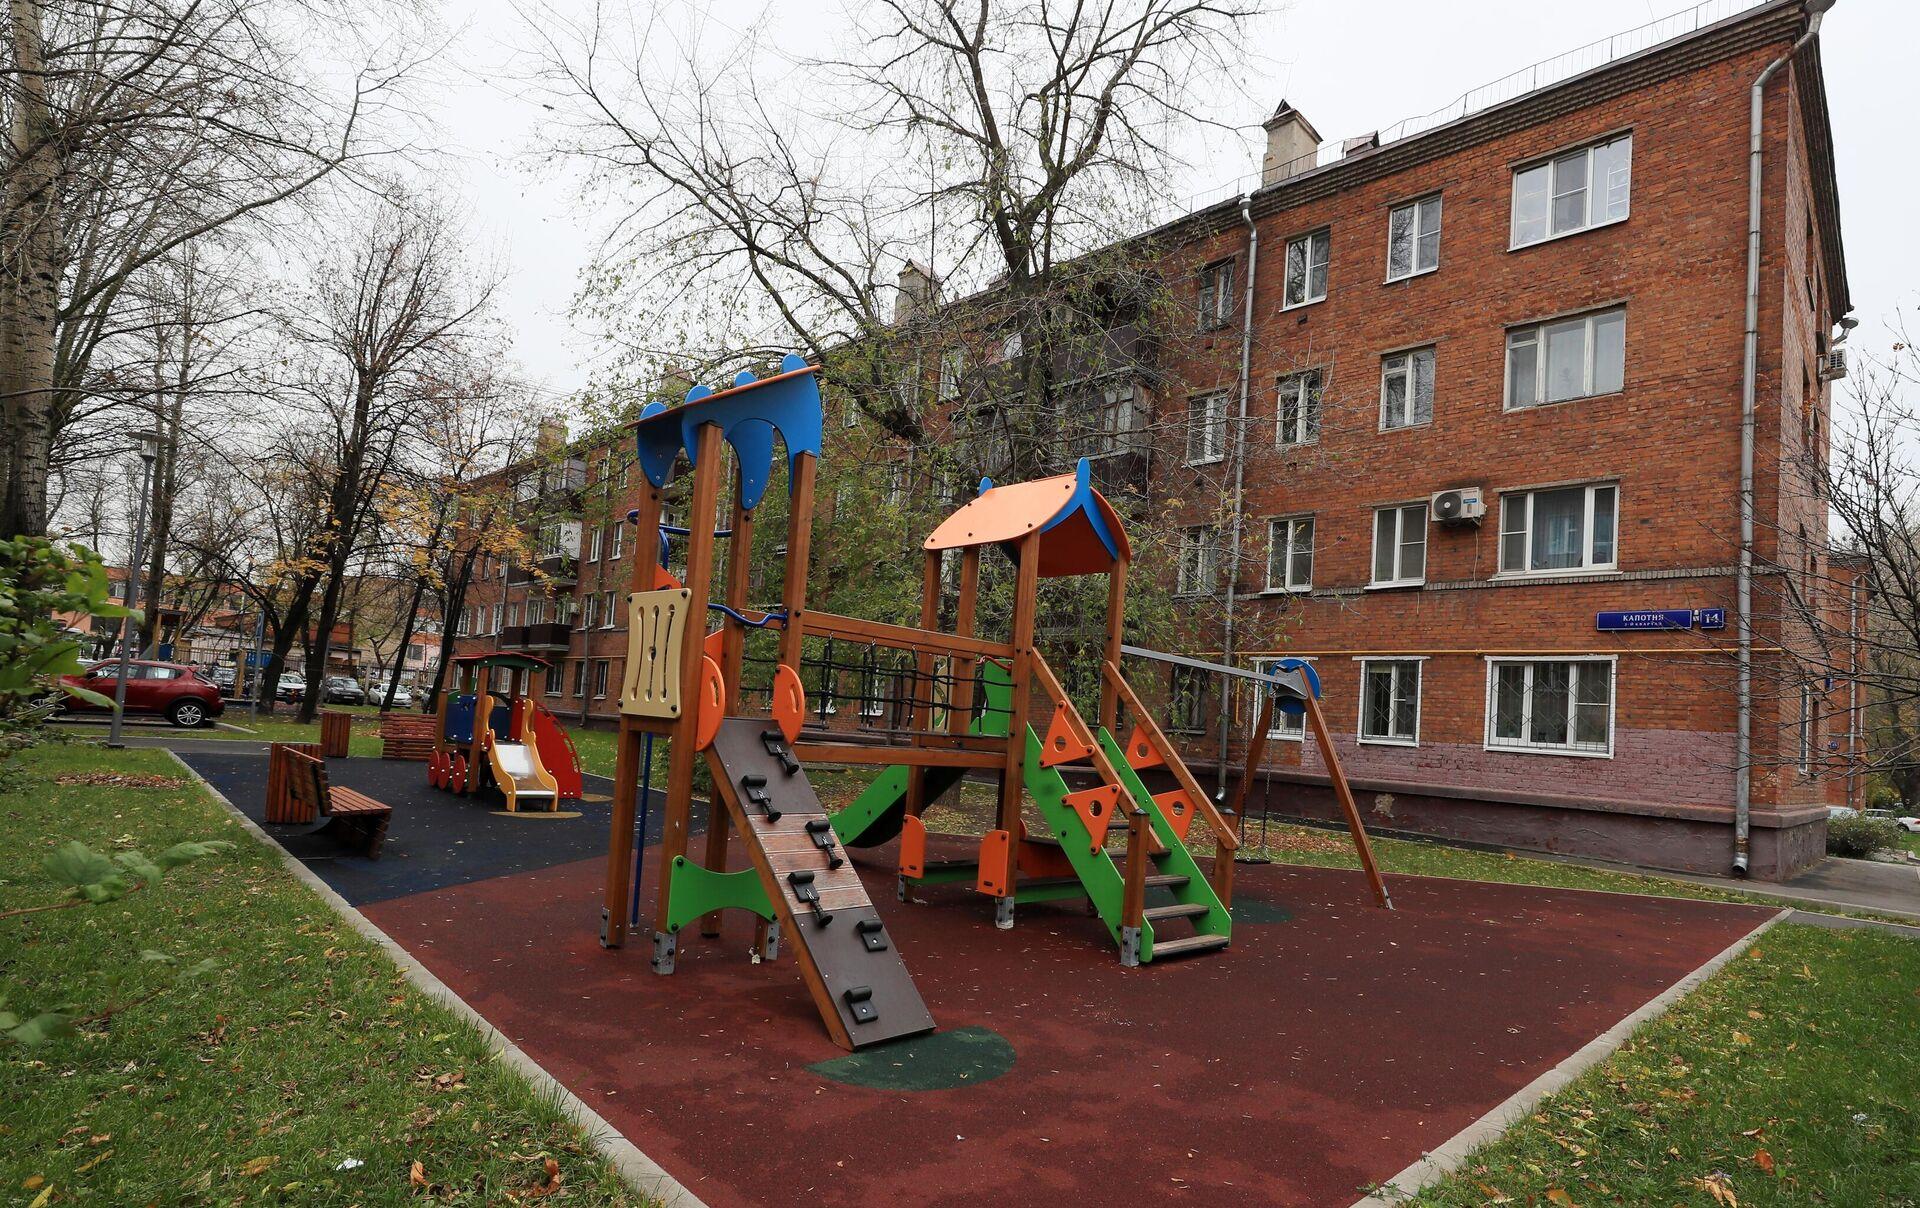 Детская площадка в районе Капотня в Москве - РИА Новости, 1920, 26.10.2020